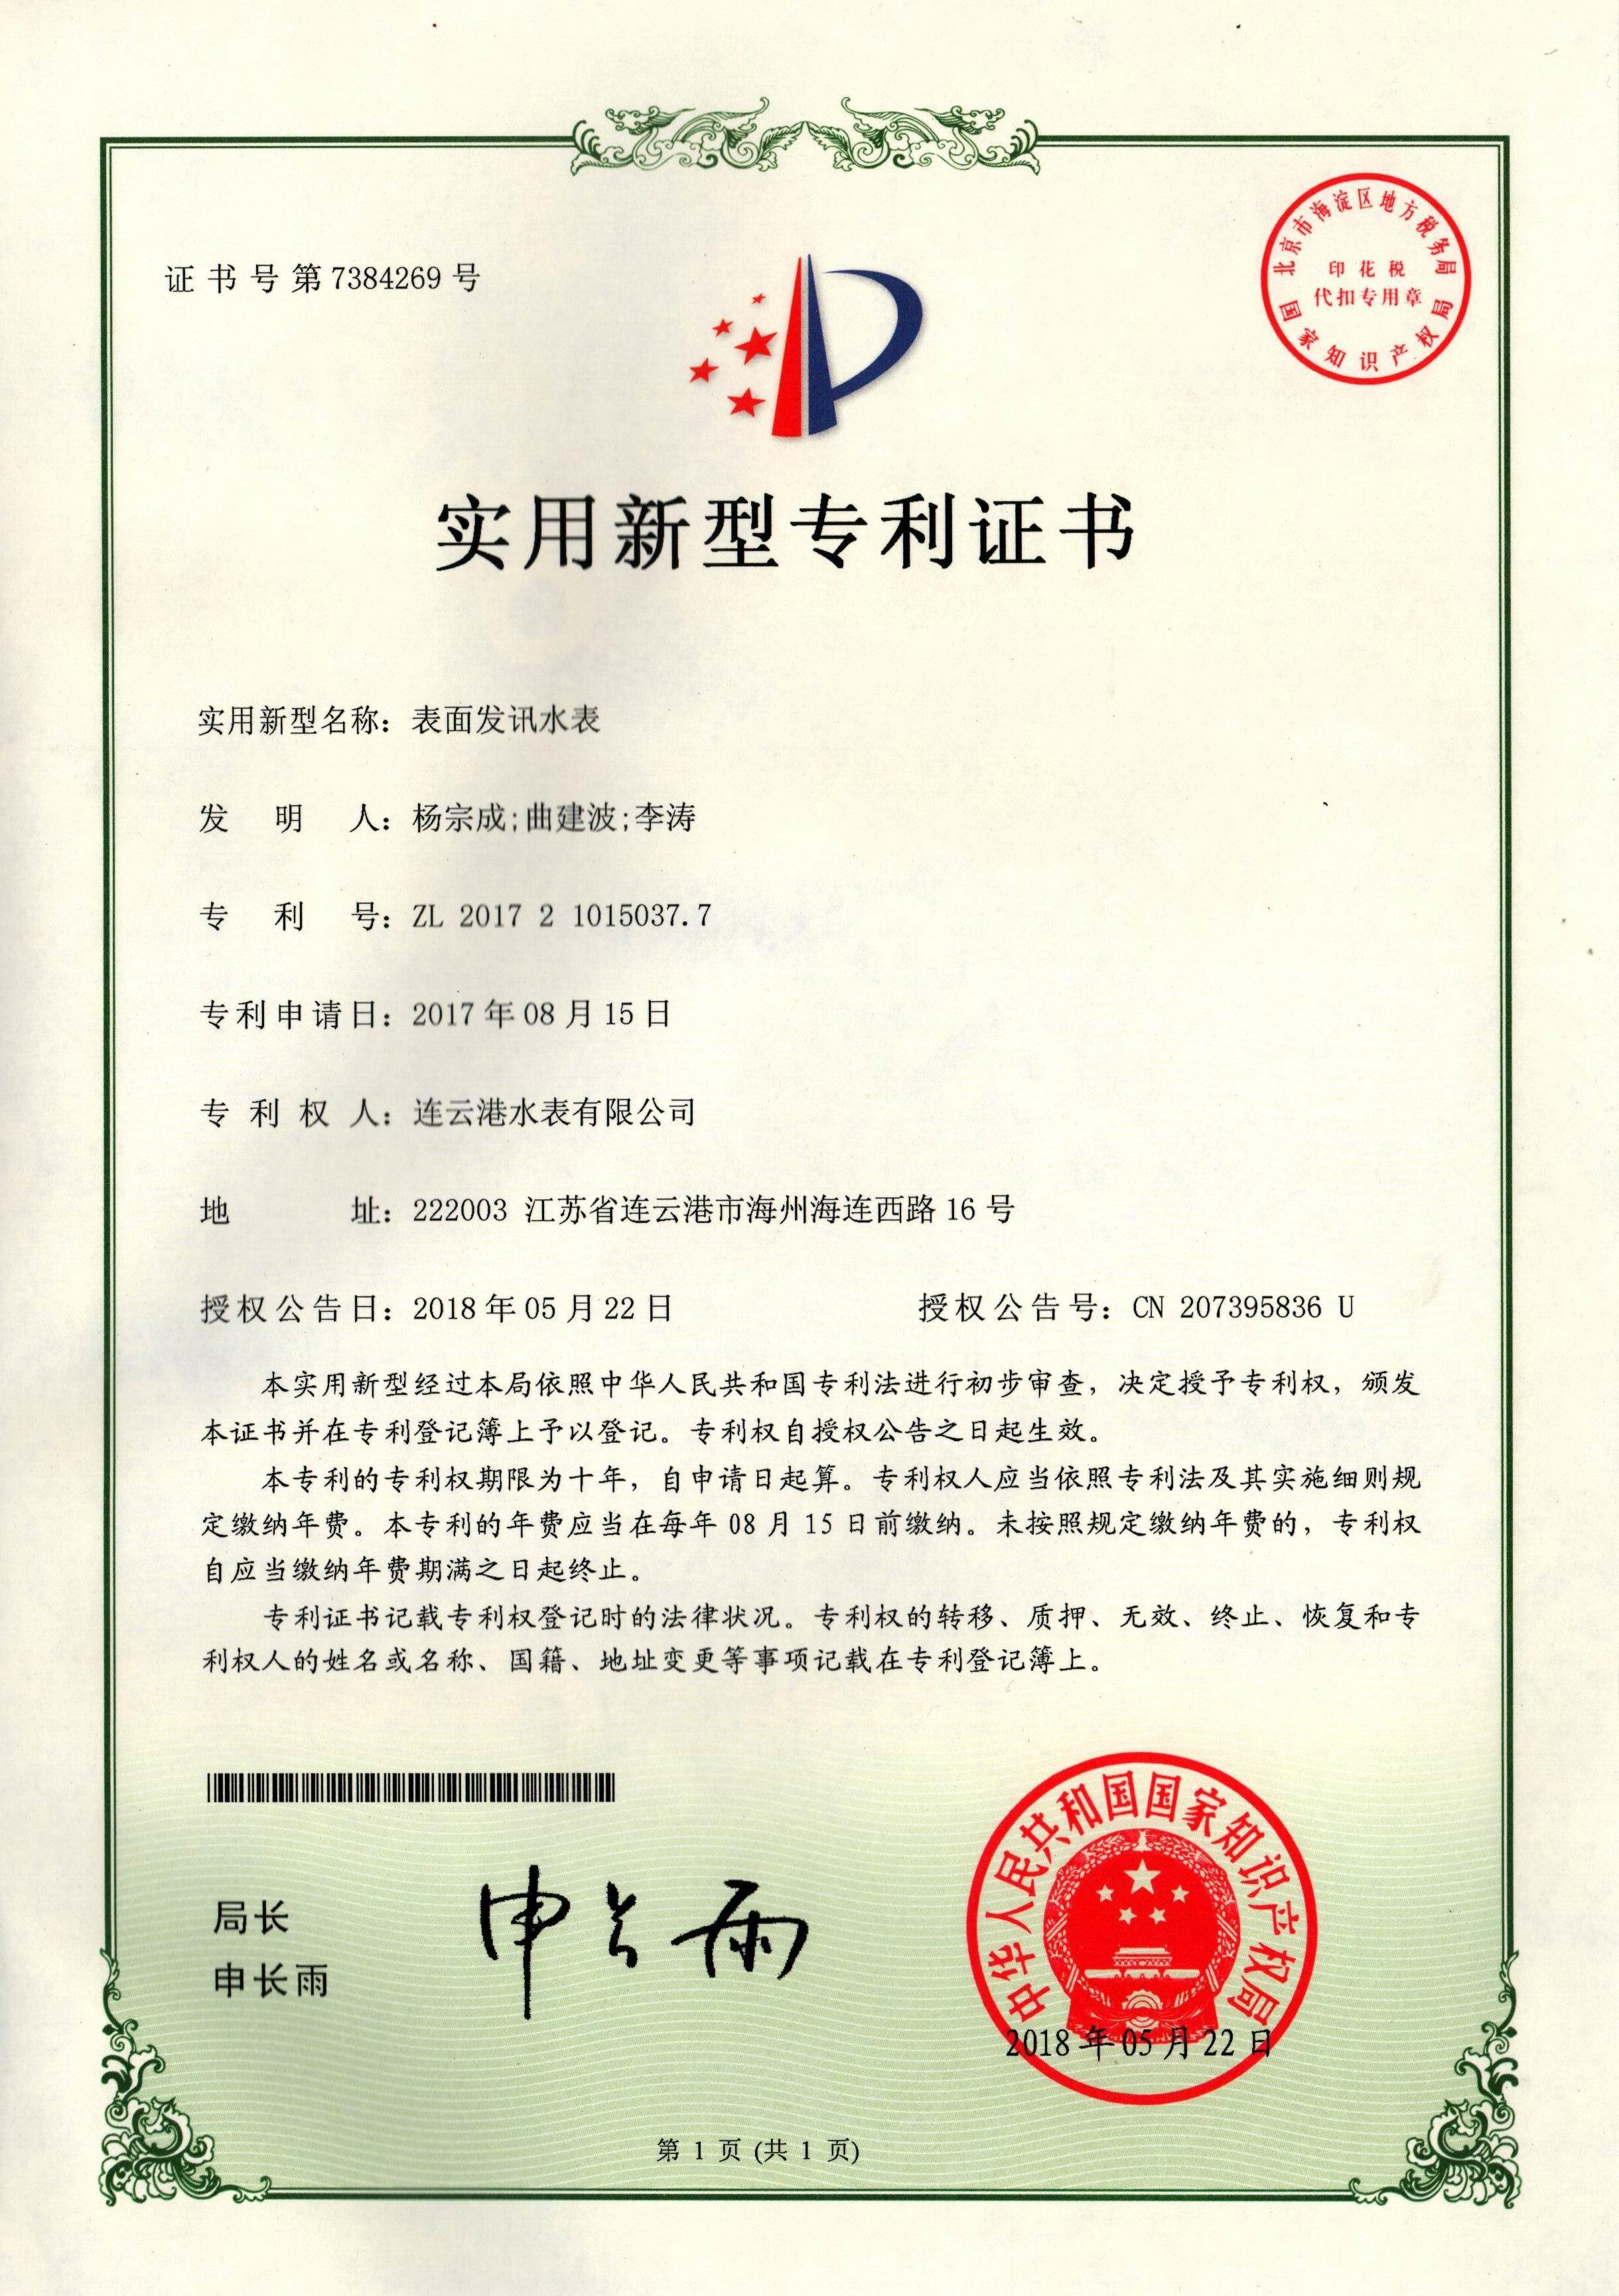 表面雷竞技电竞官网雷竞技下载链接专利